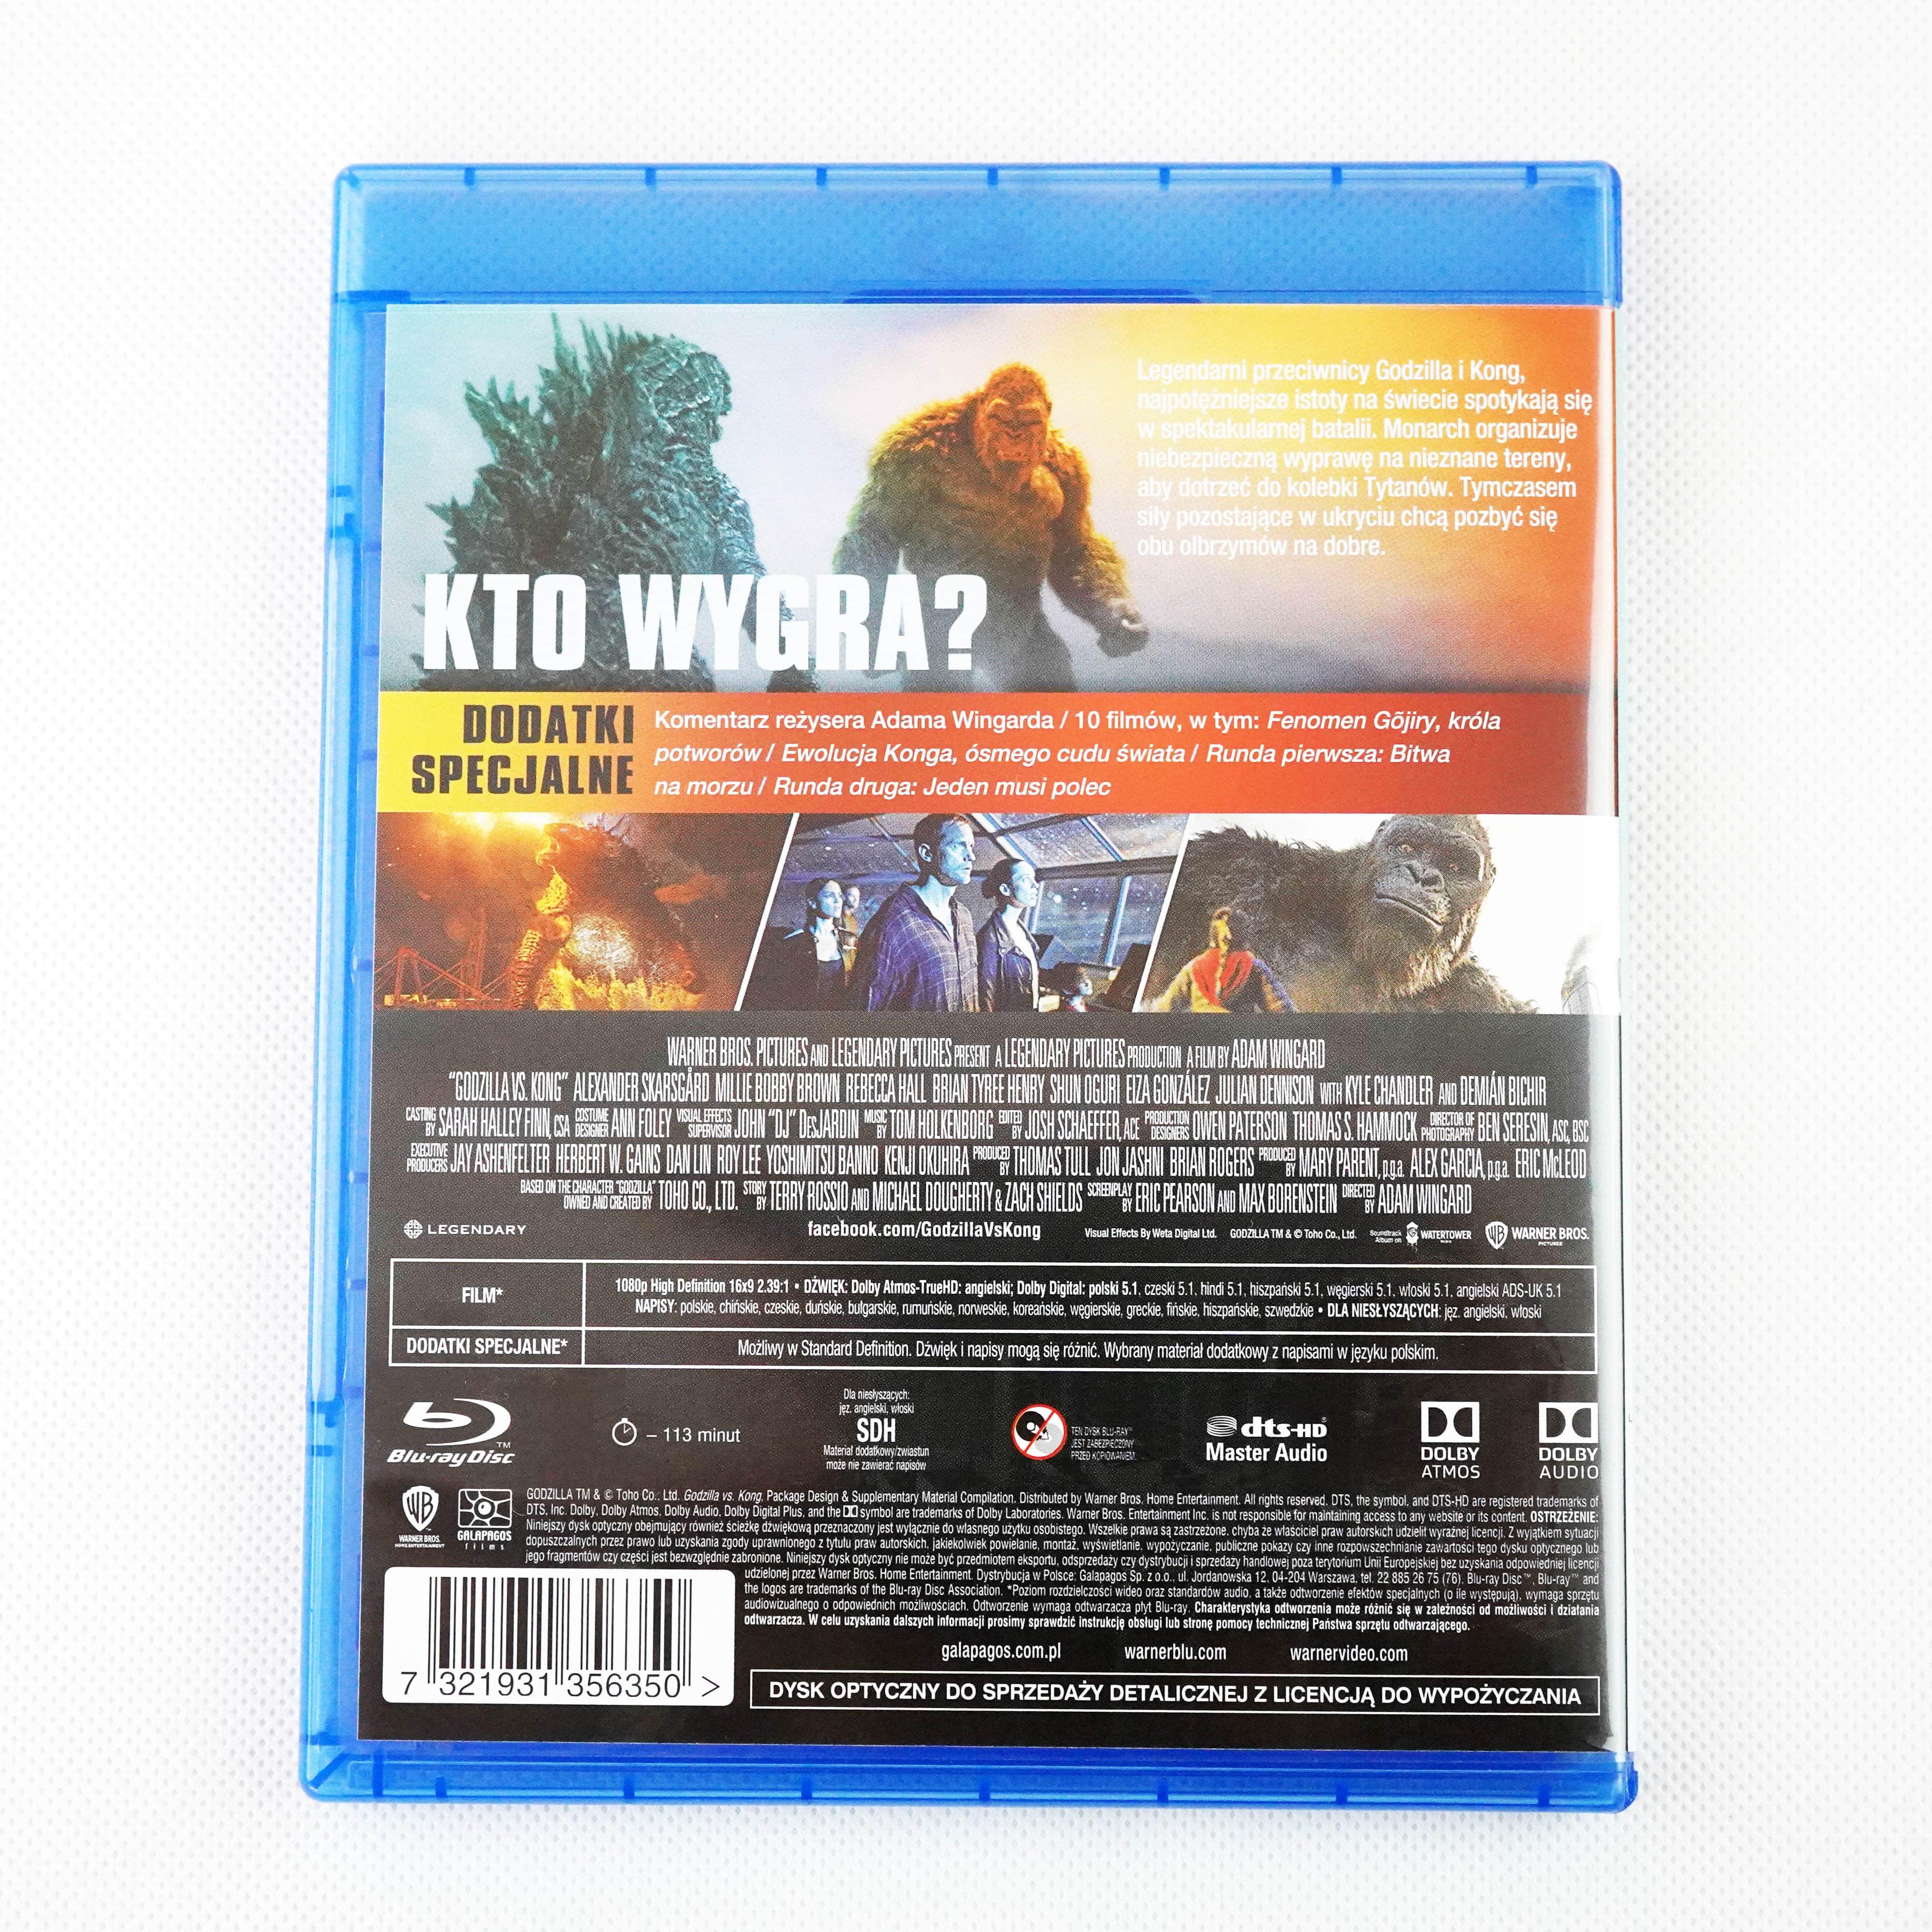 Godzilla vs. Kong wydanie Blu-ray